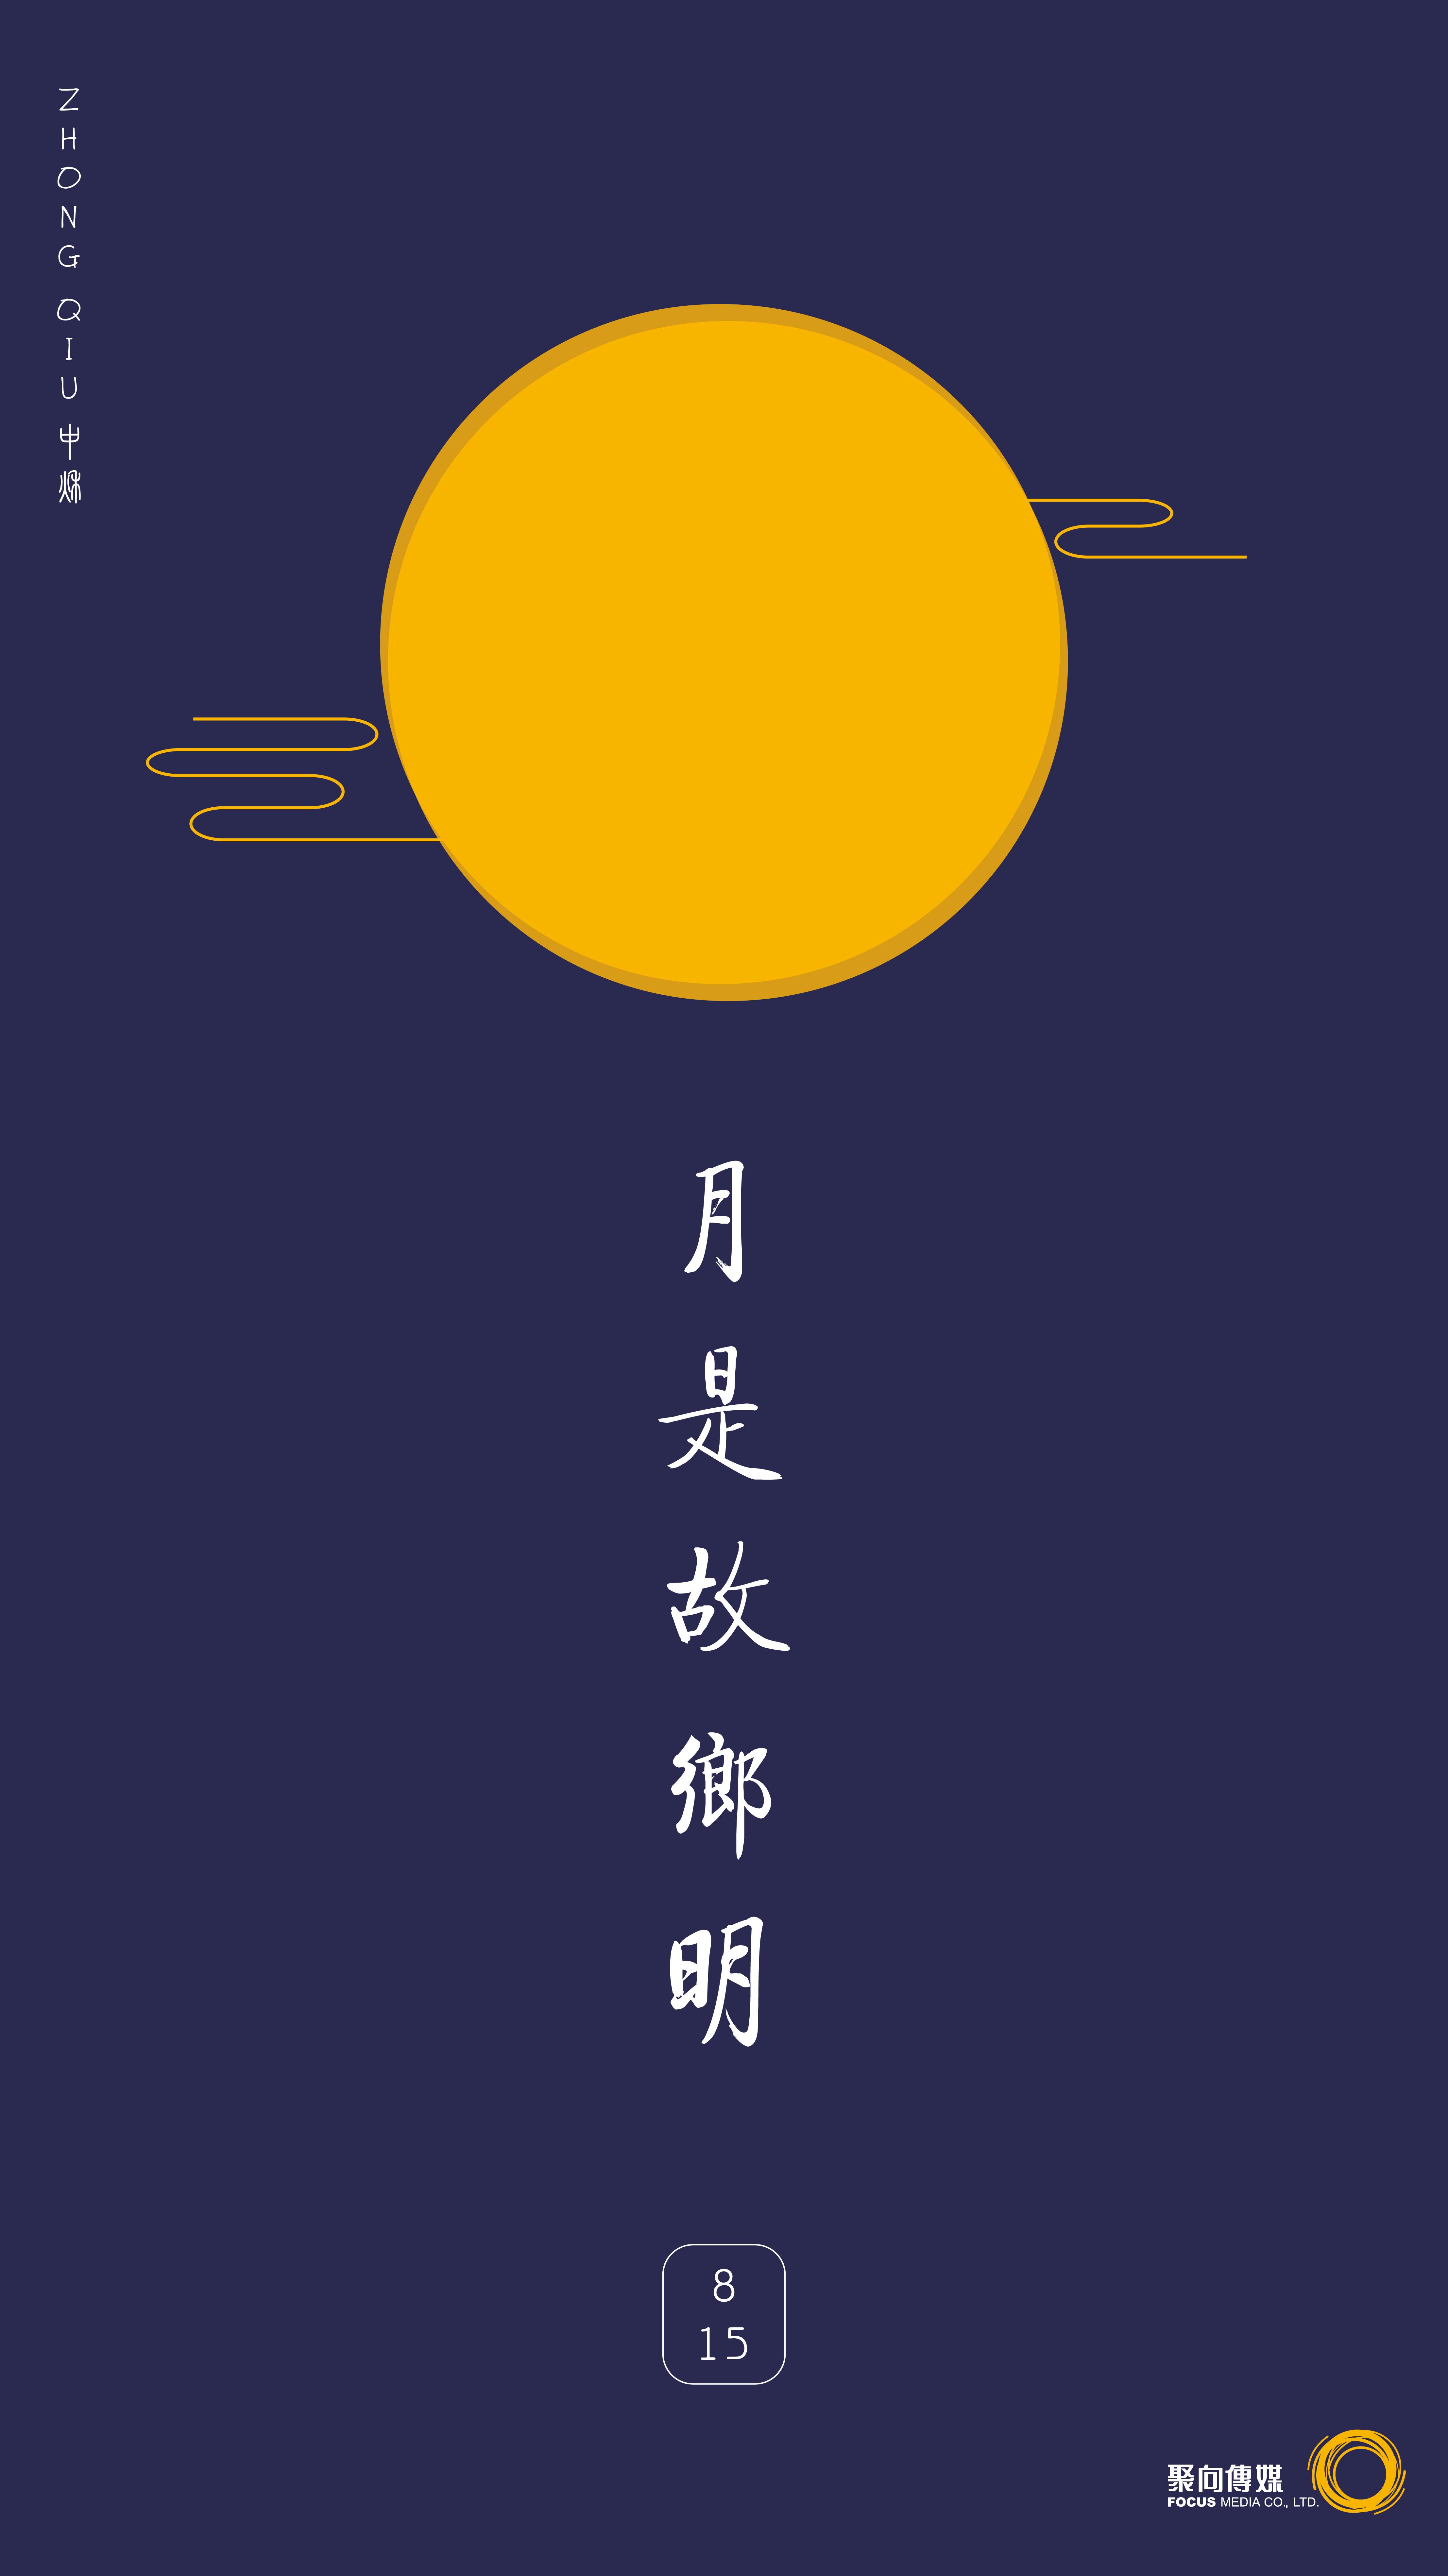 中秋节|平面|海报|我在这里你能去哪 - 原创作品图片